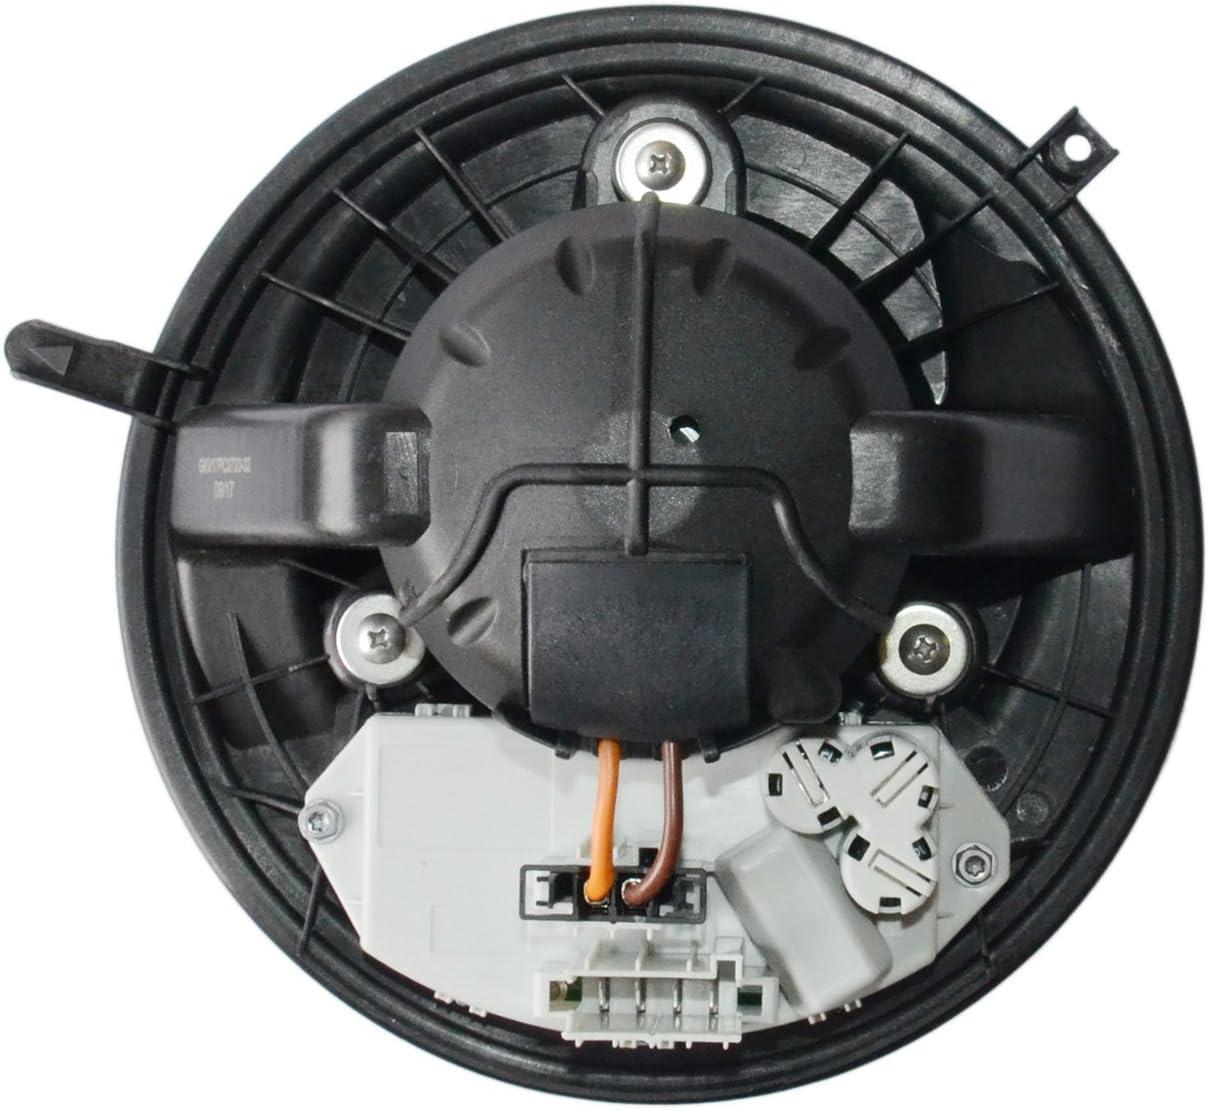 64119227670 - Motor de ventilador A/C con regulador para 2006-2012 325i 325xi 330i 335i X3 335d 328xi E90 E91 E92 piezas 700218 PM9354 7588 96.